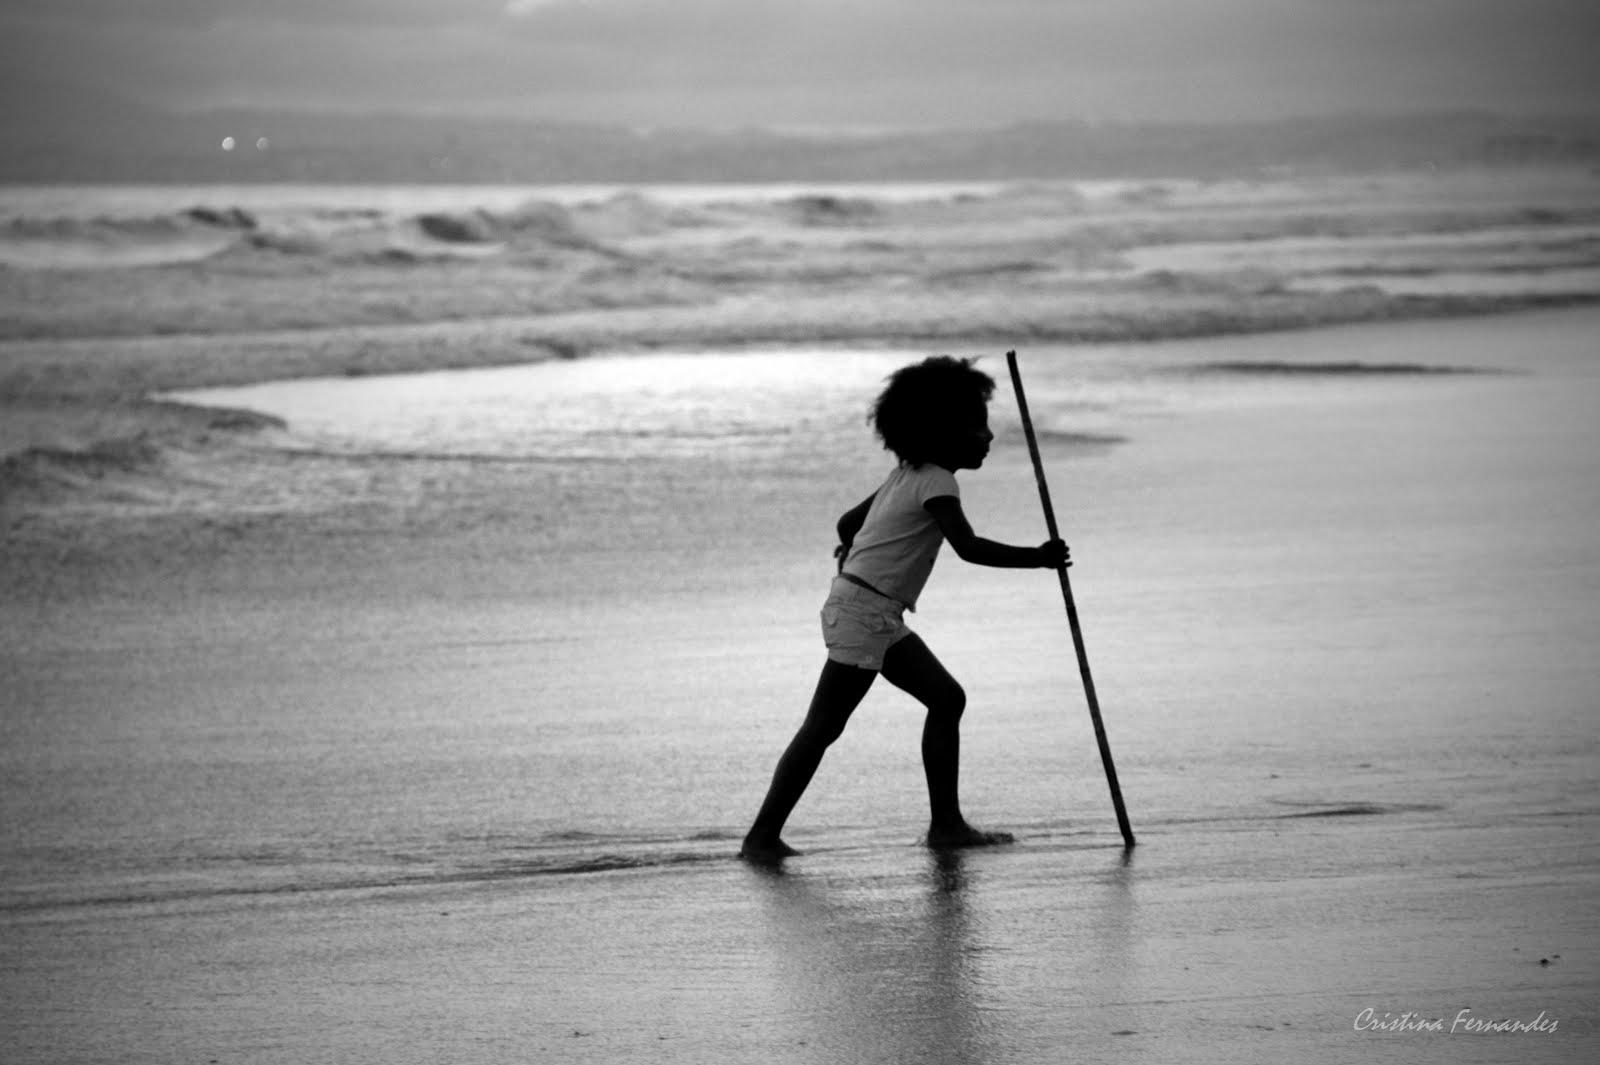 ... a cada passo afasto a distância que me aproxima de ti...